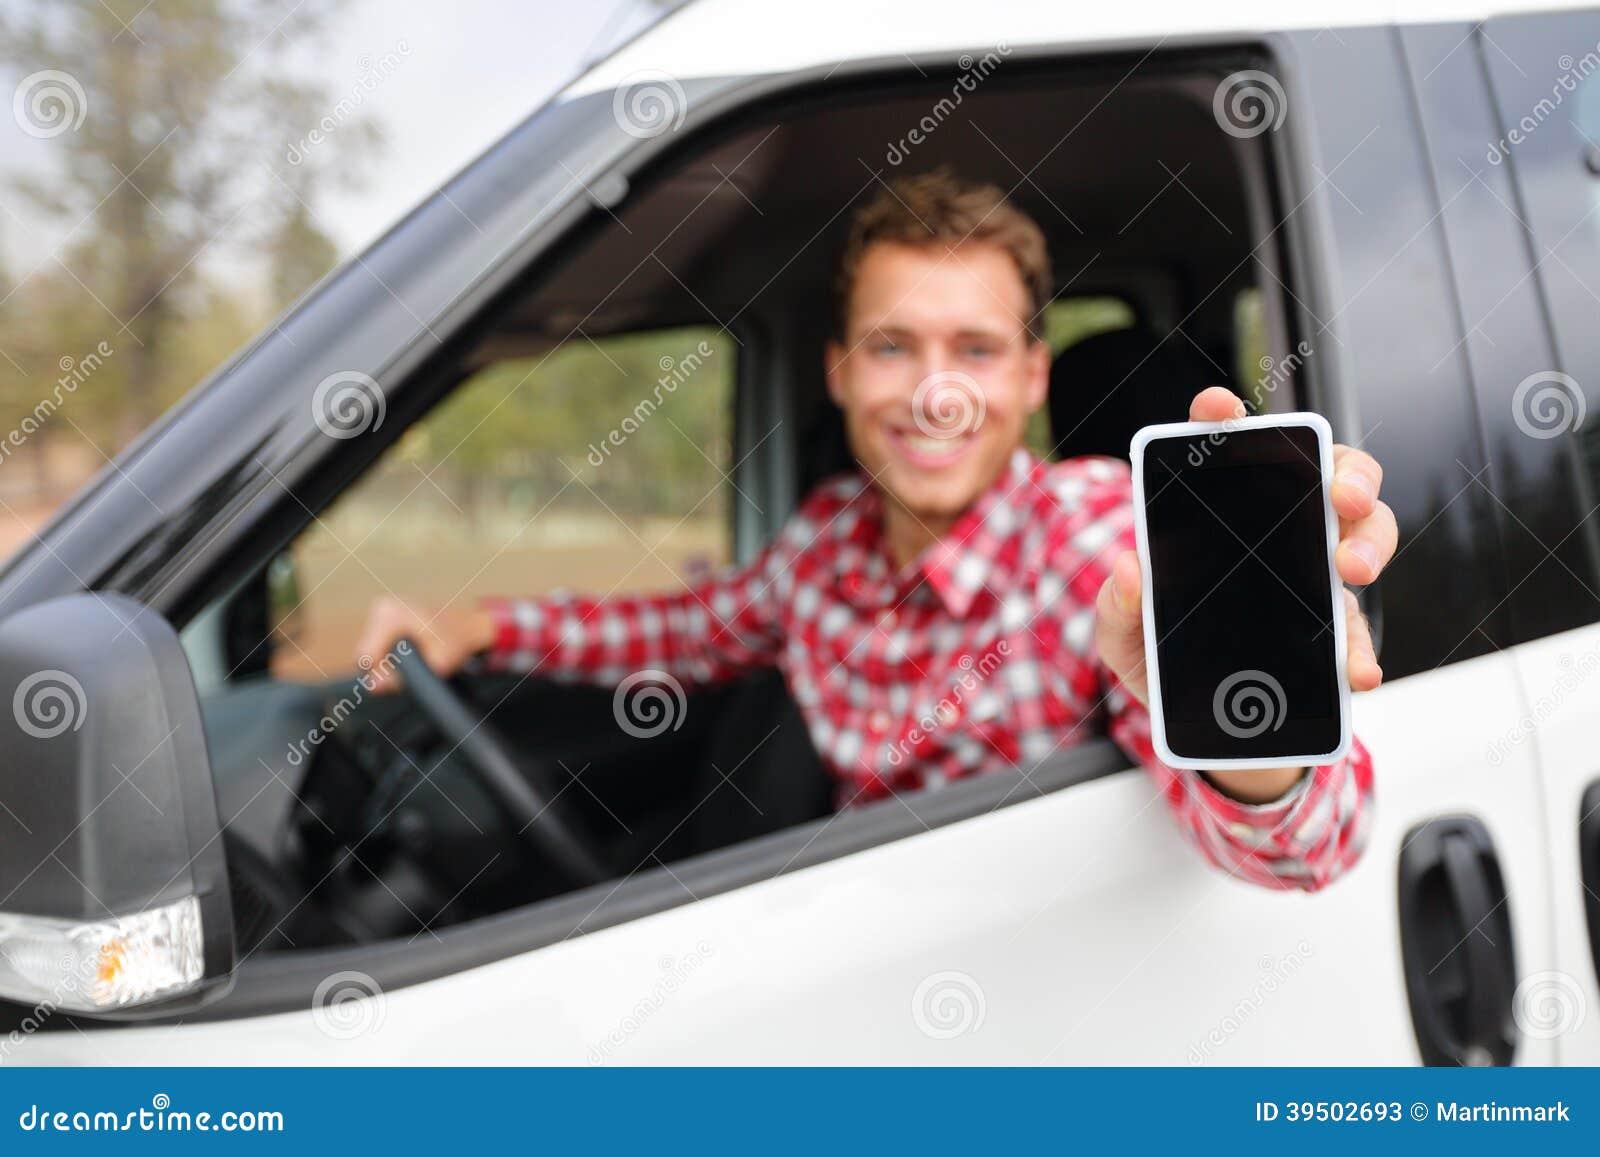 驾车的聪明的电话人显示智能手机